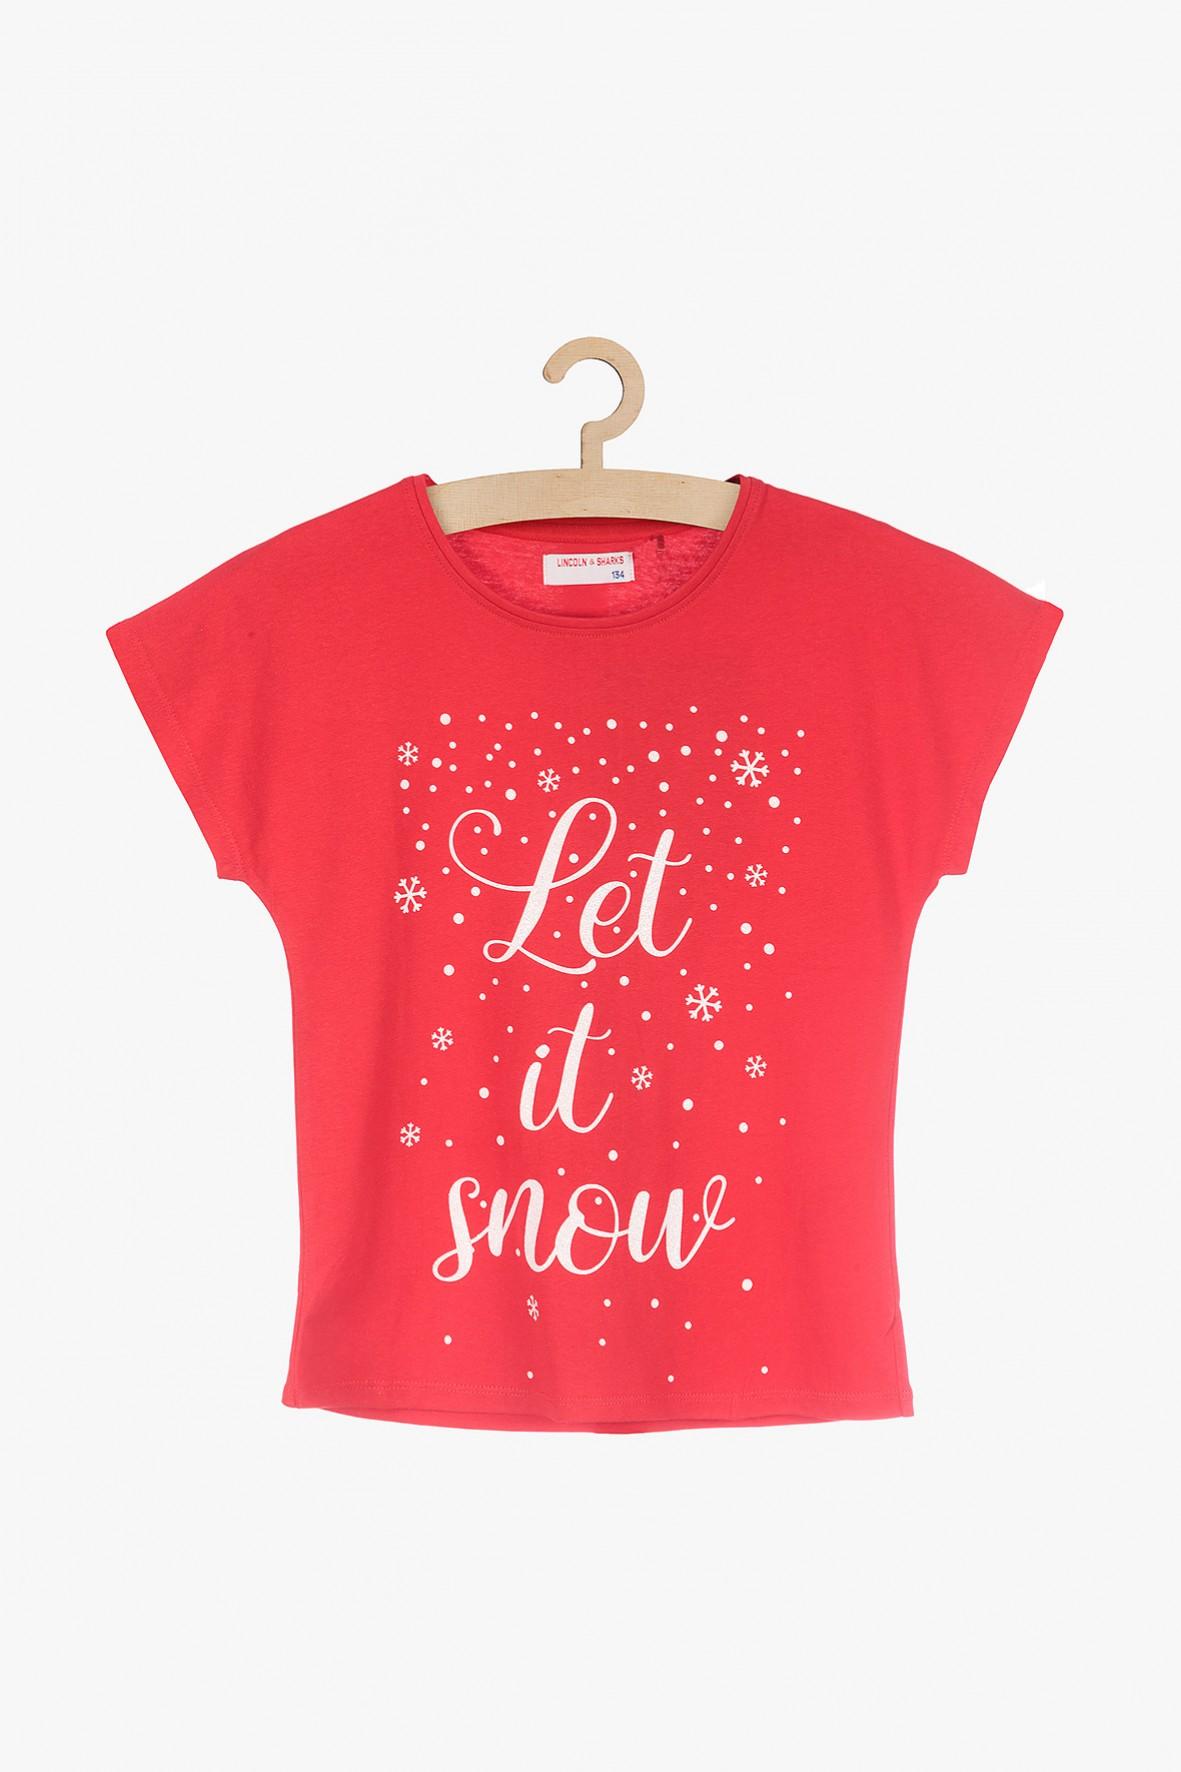 Czerwony t-shirt dla dziewczynki z napisem Let it snow